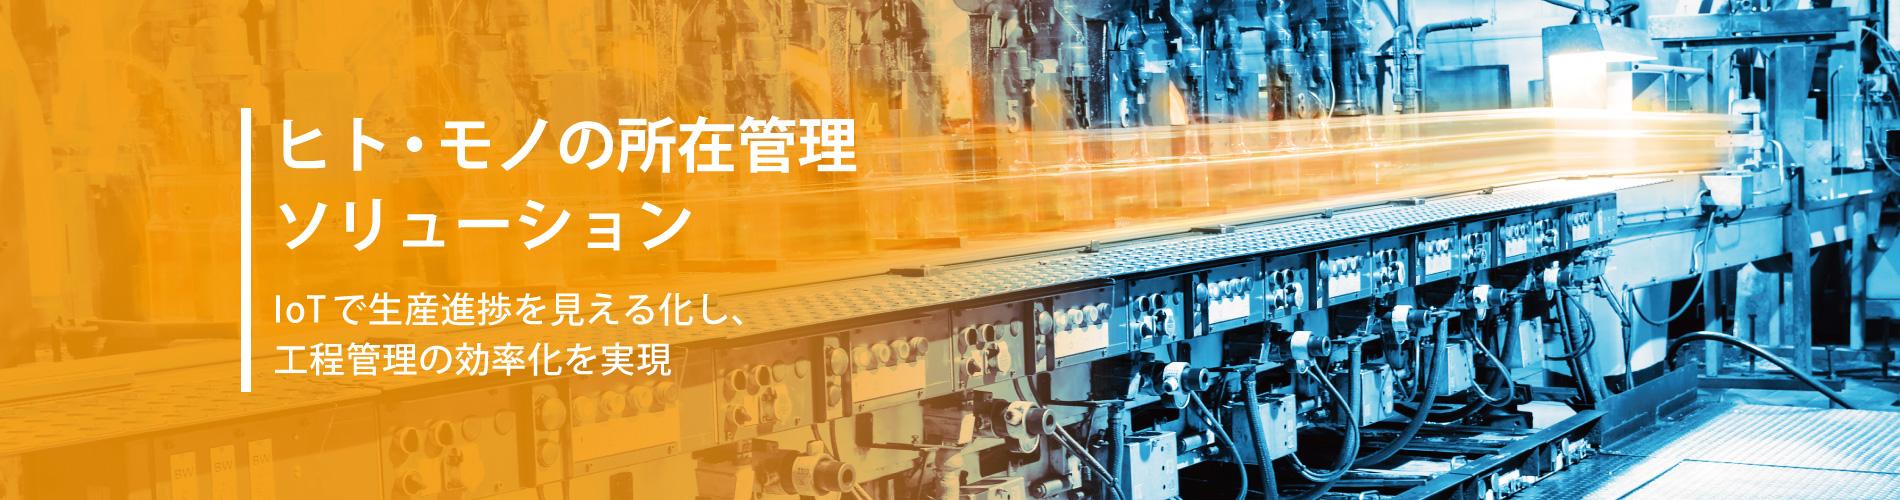 ヒト・モノの所在管理ソリューション IoTで生産進捗を見える化し、工程管理の効率化を実現